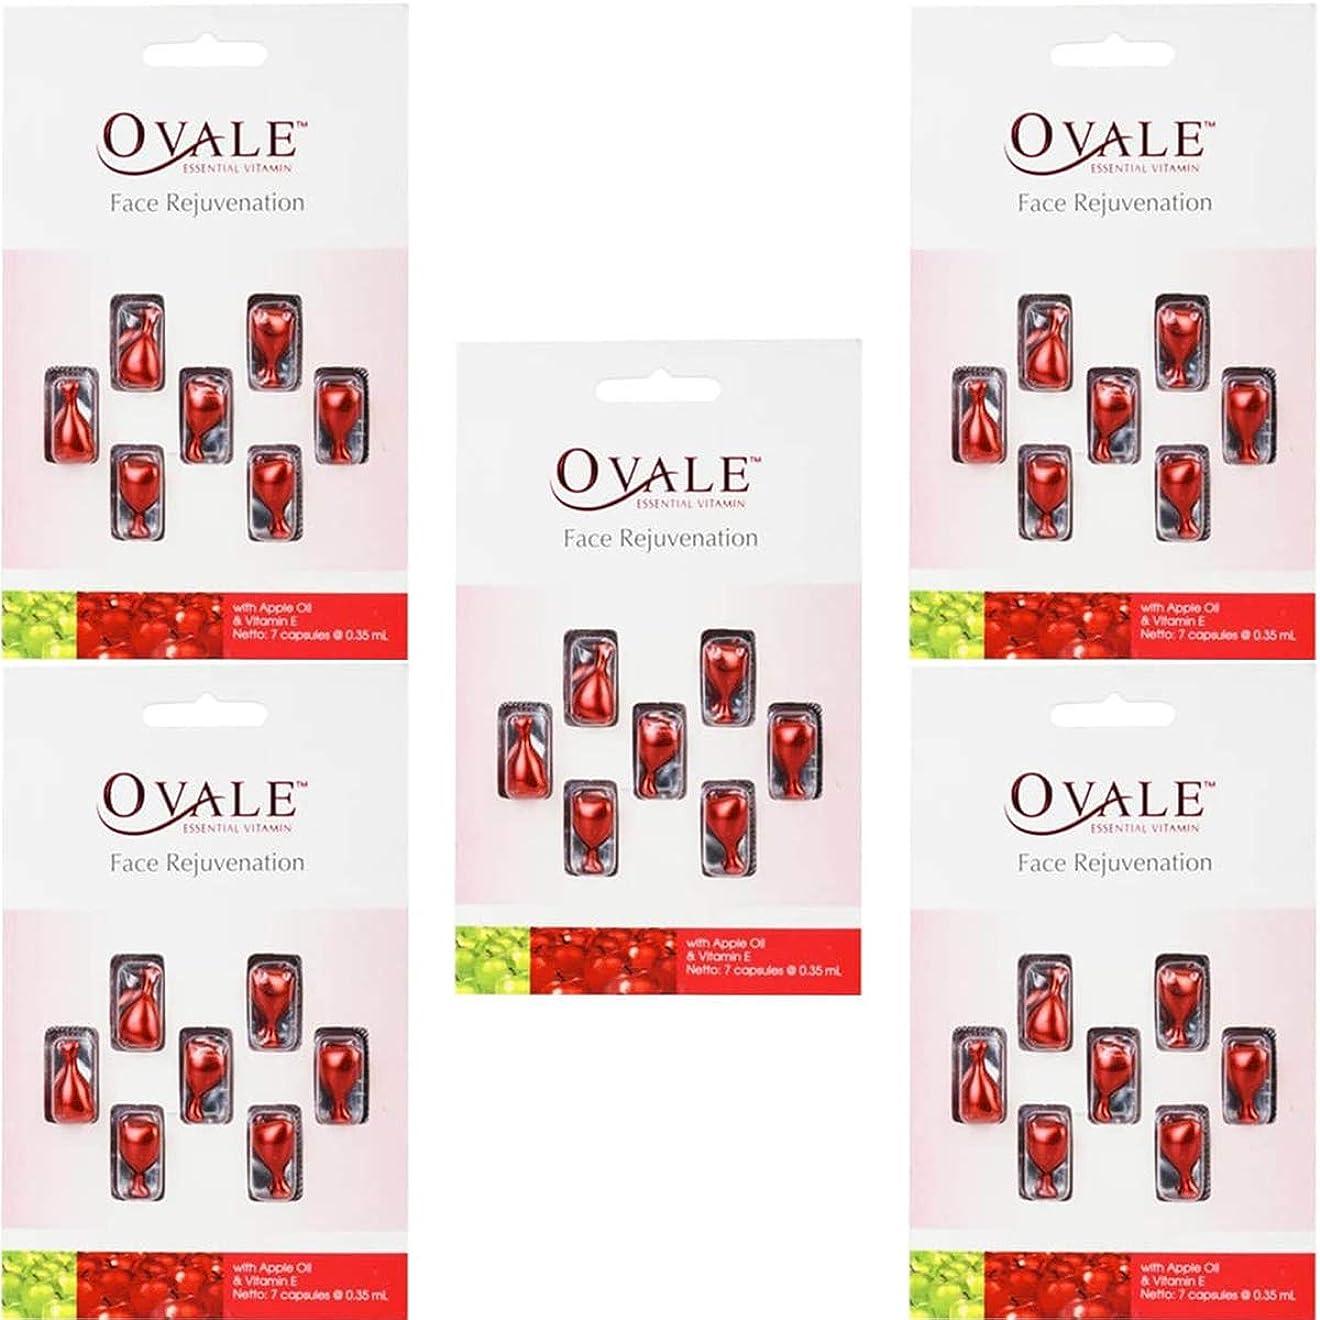 周術期発行するチケットOvale オーバル フェイシャル美容液 essential vitamin エッセンシャルビタミン 7粒入シート×5枚セット アップル [海外直送品]